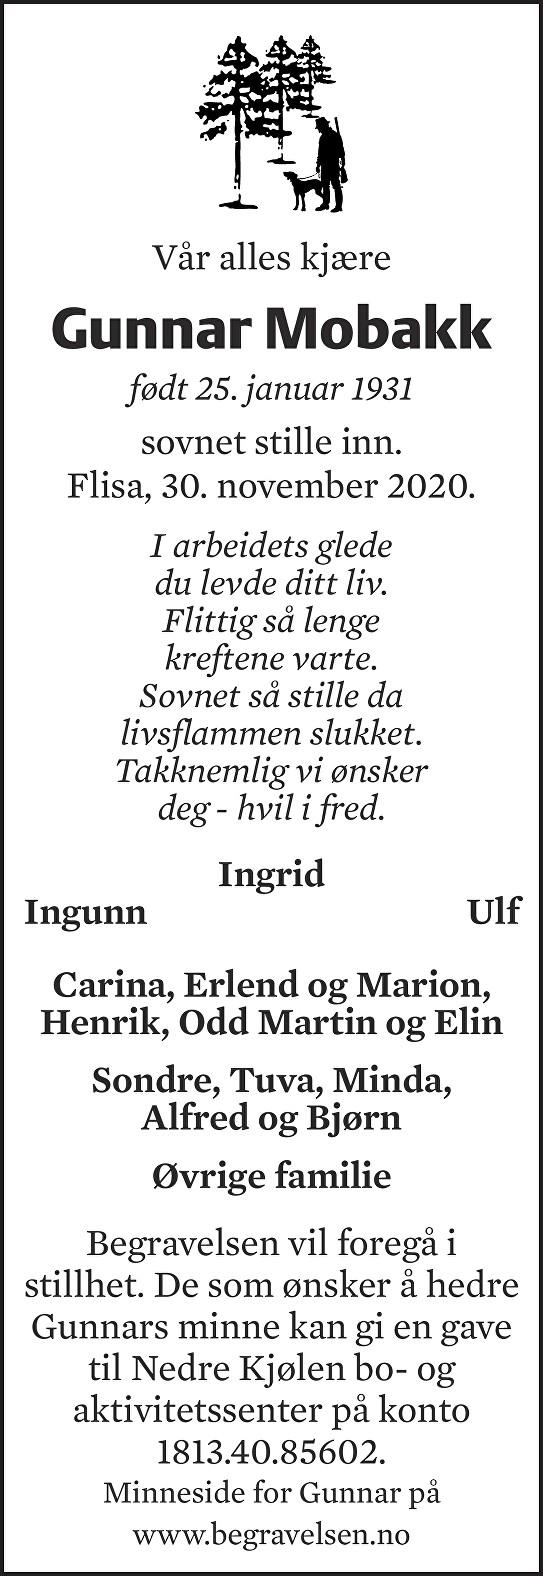 Gunnar Mobakk Dødsannonse